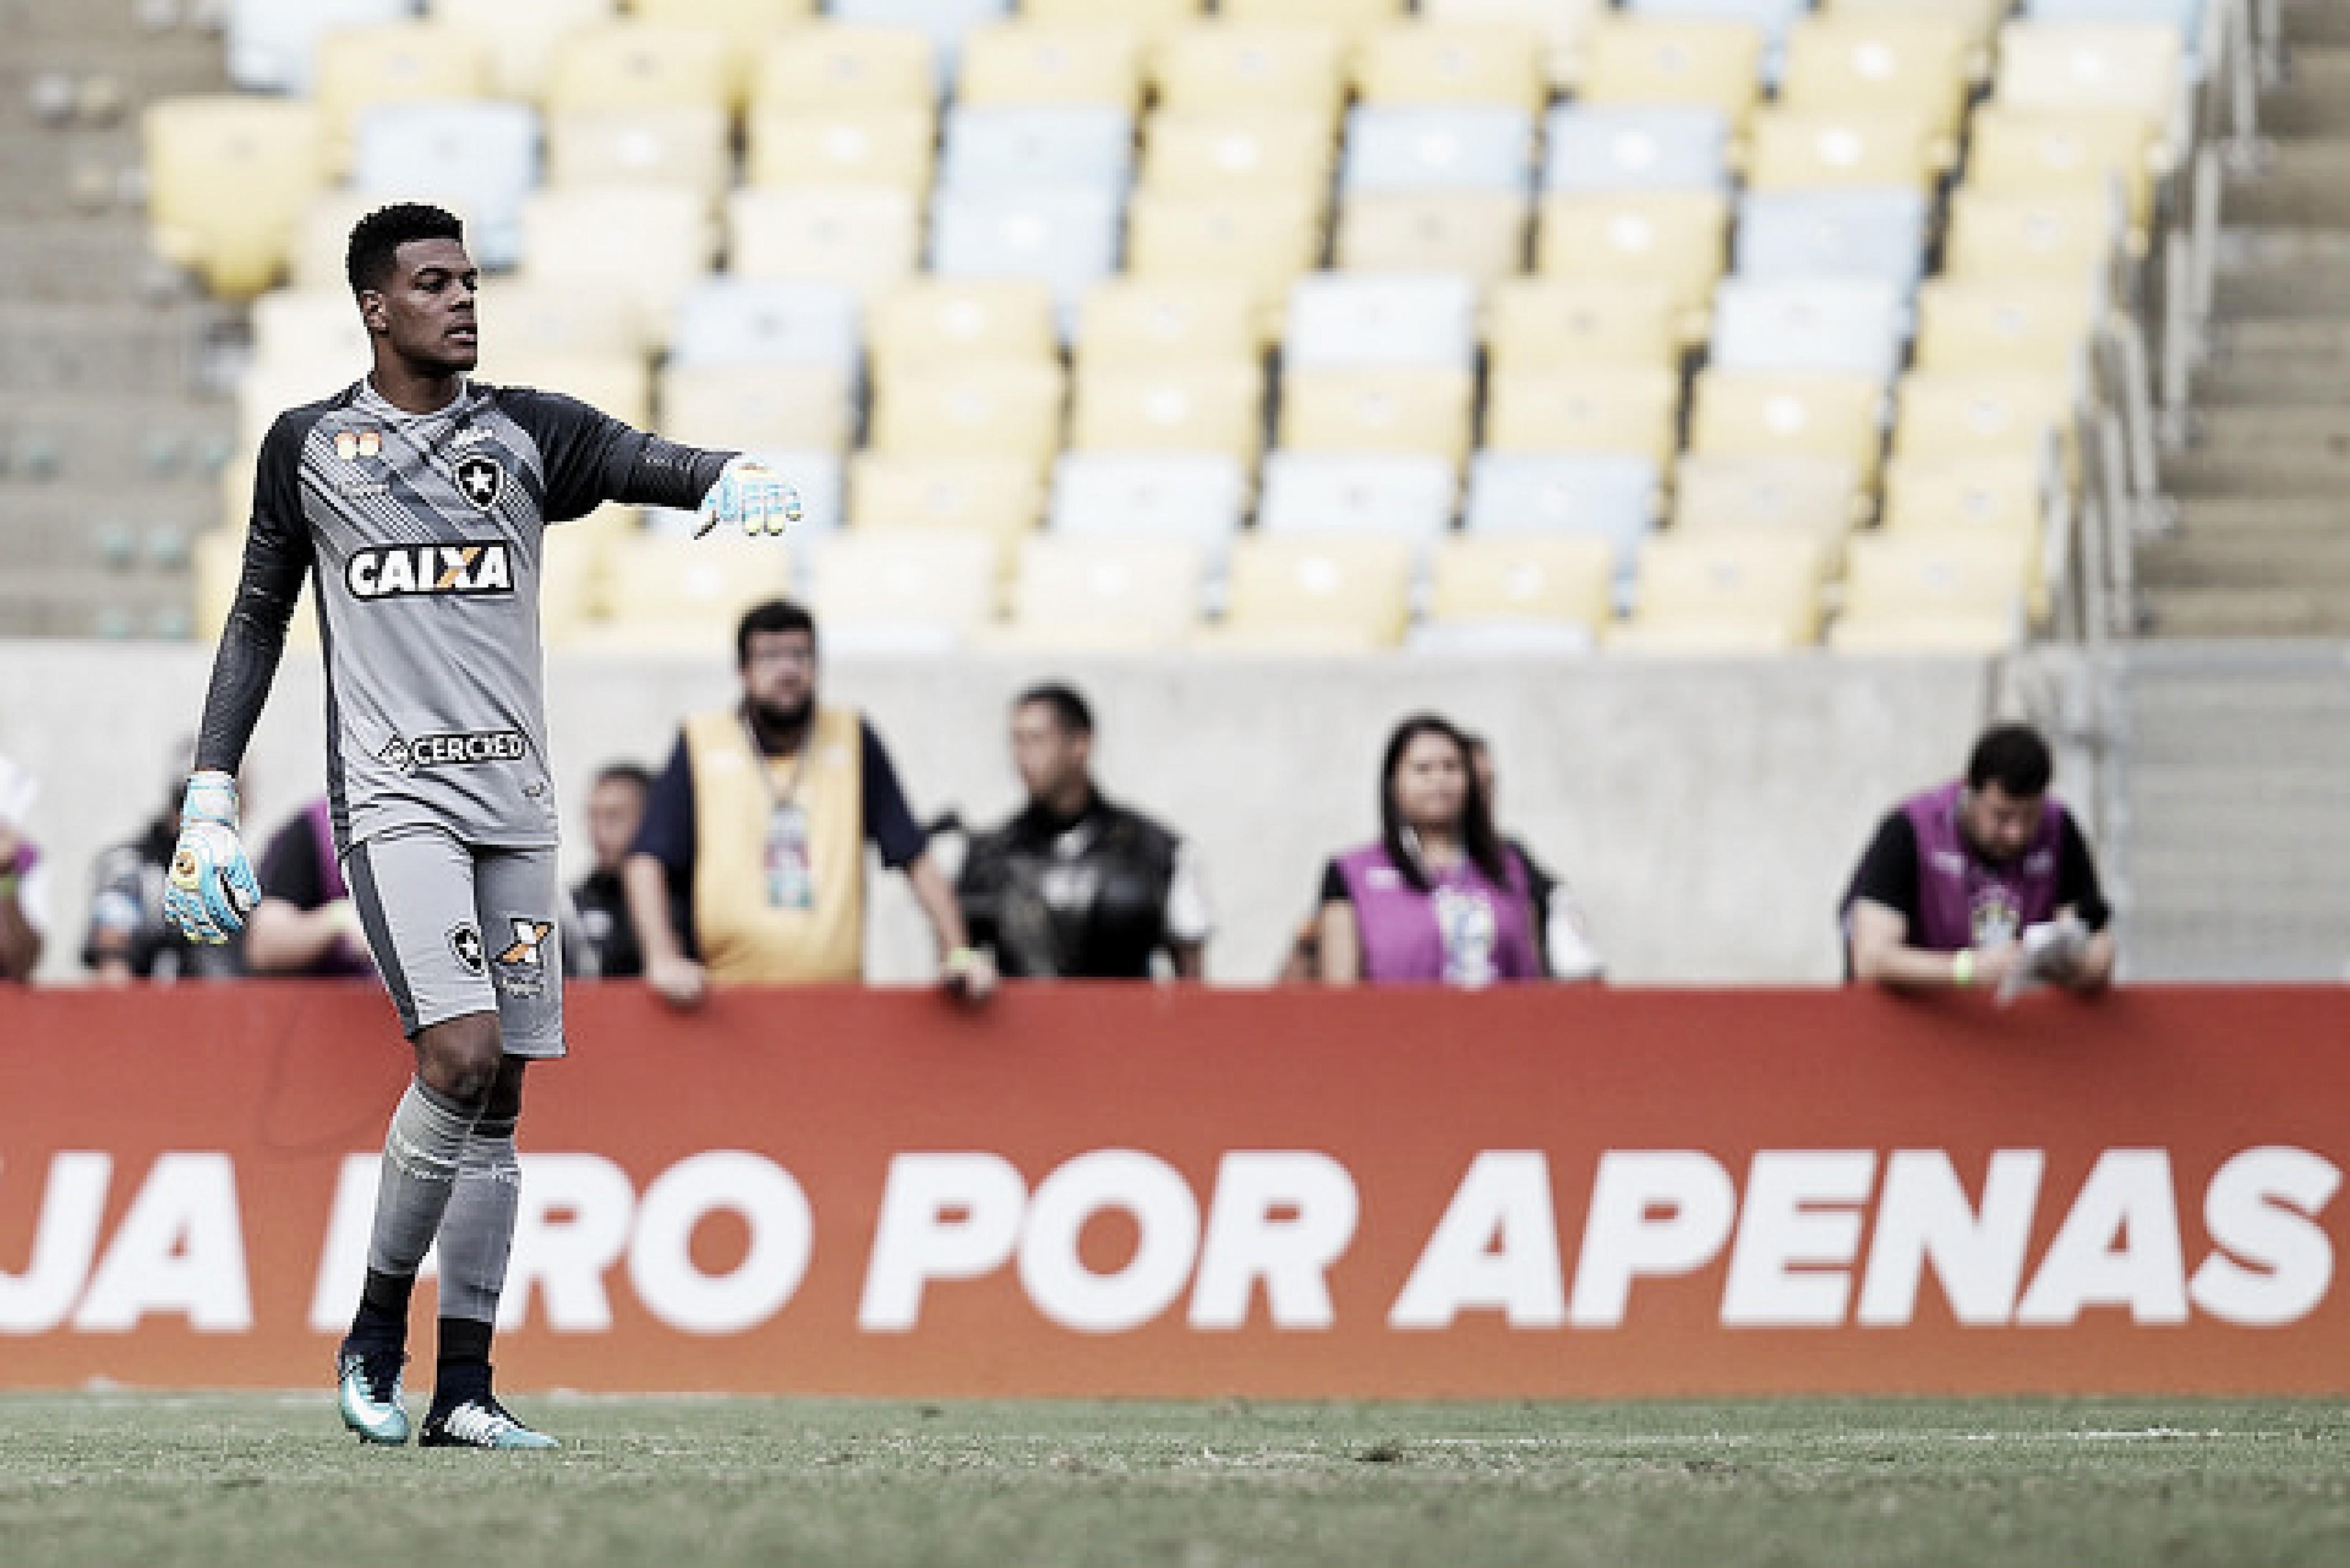 Saulo lamenta situação do Botafogo no Brasileirão e garante apoio a Lindoso após pênalti perdido